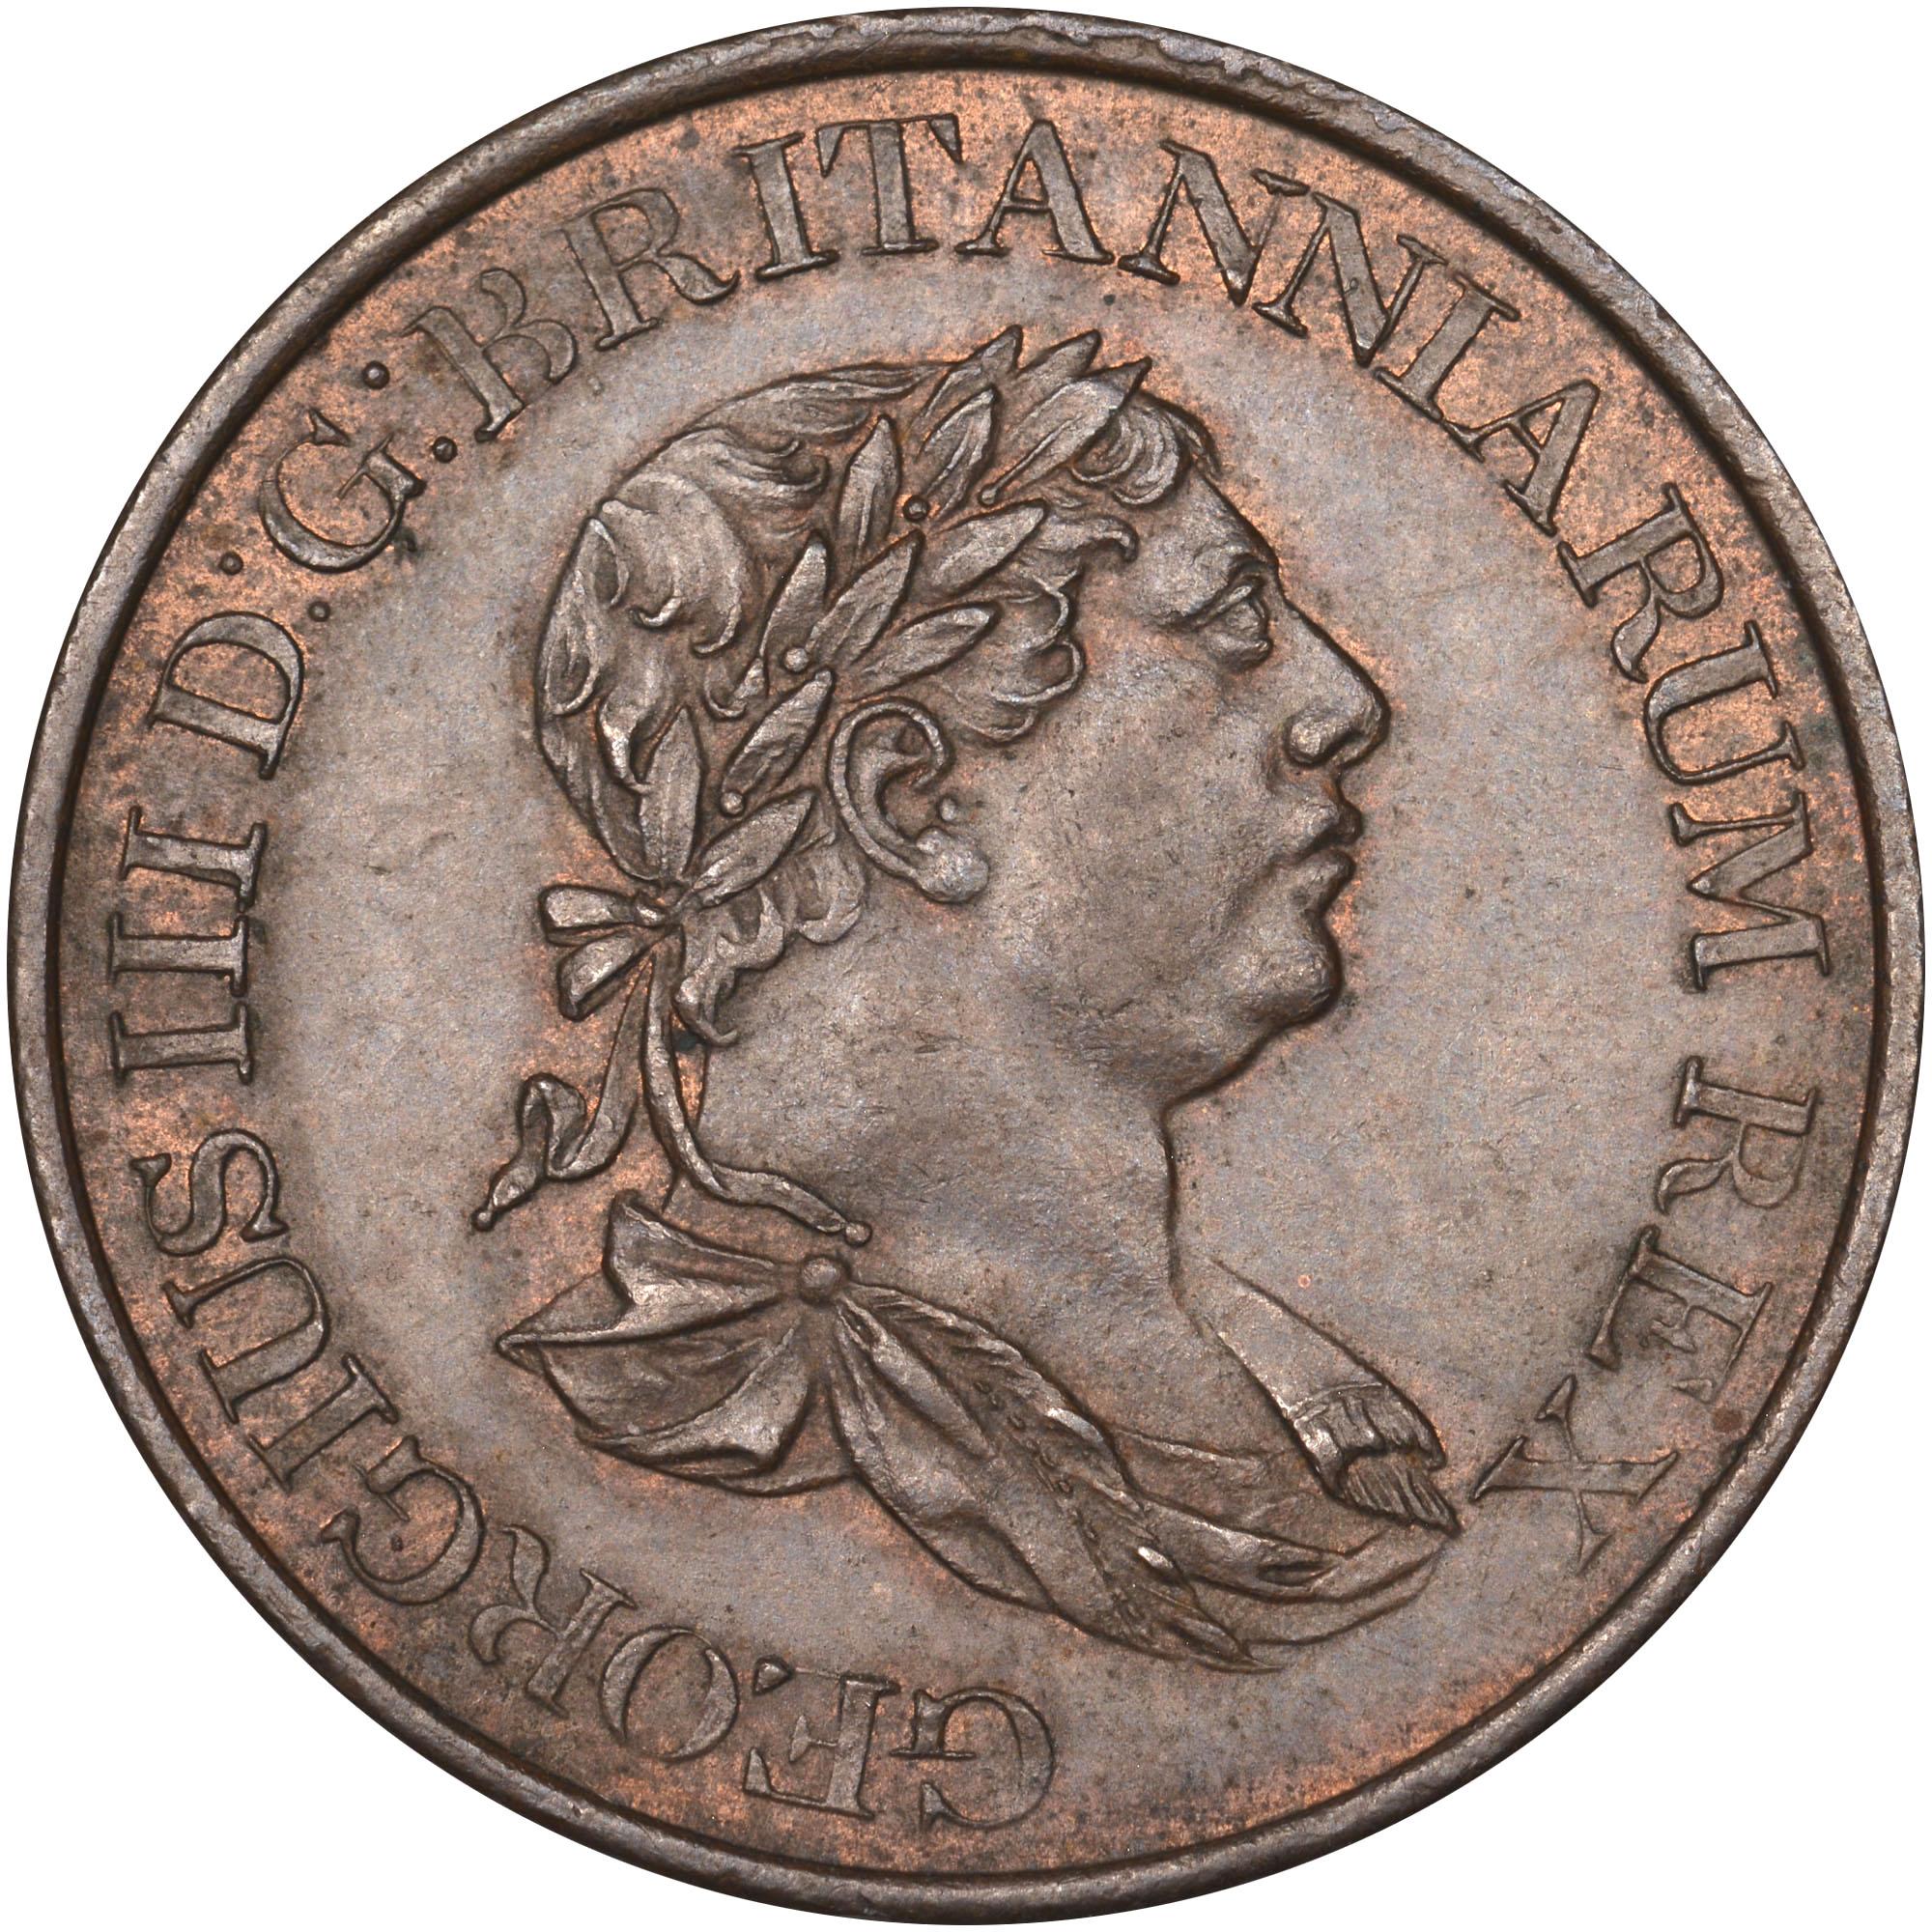 1815 Ceylon 1/2 Stiver obverse